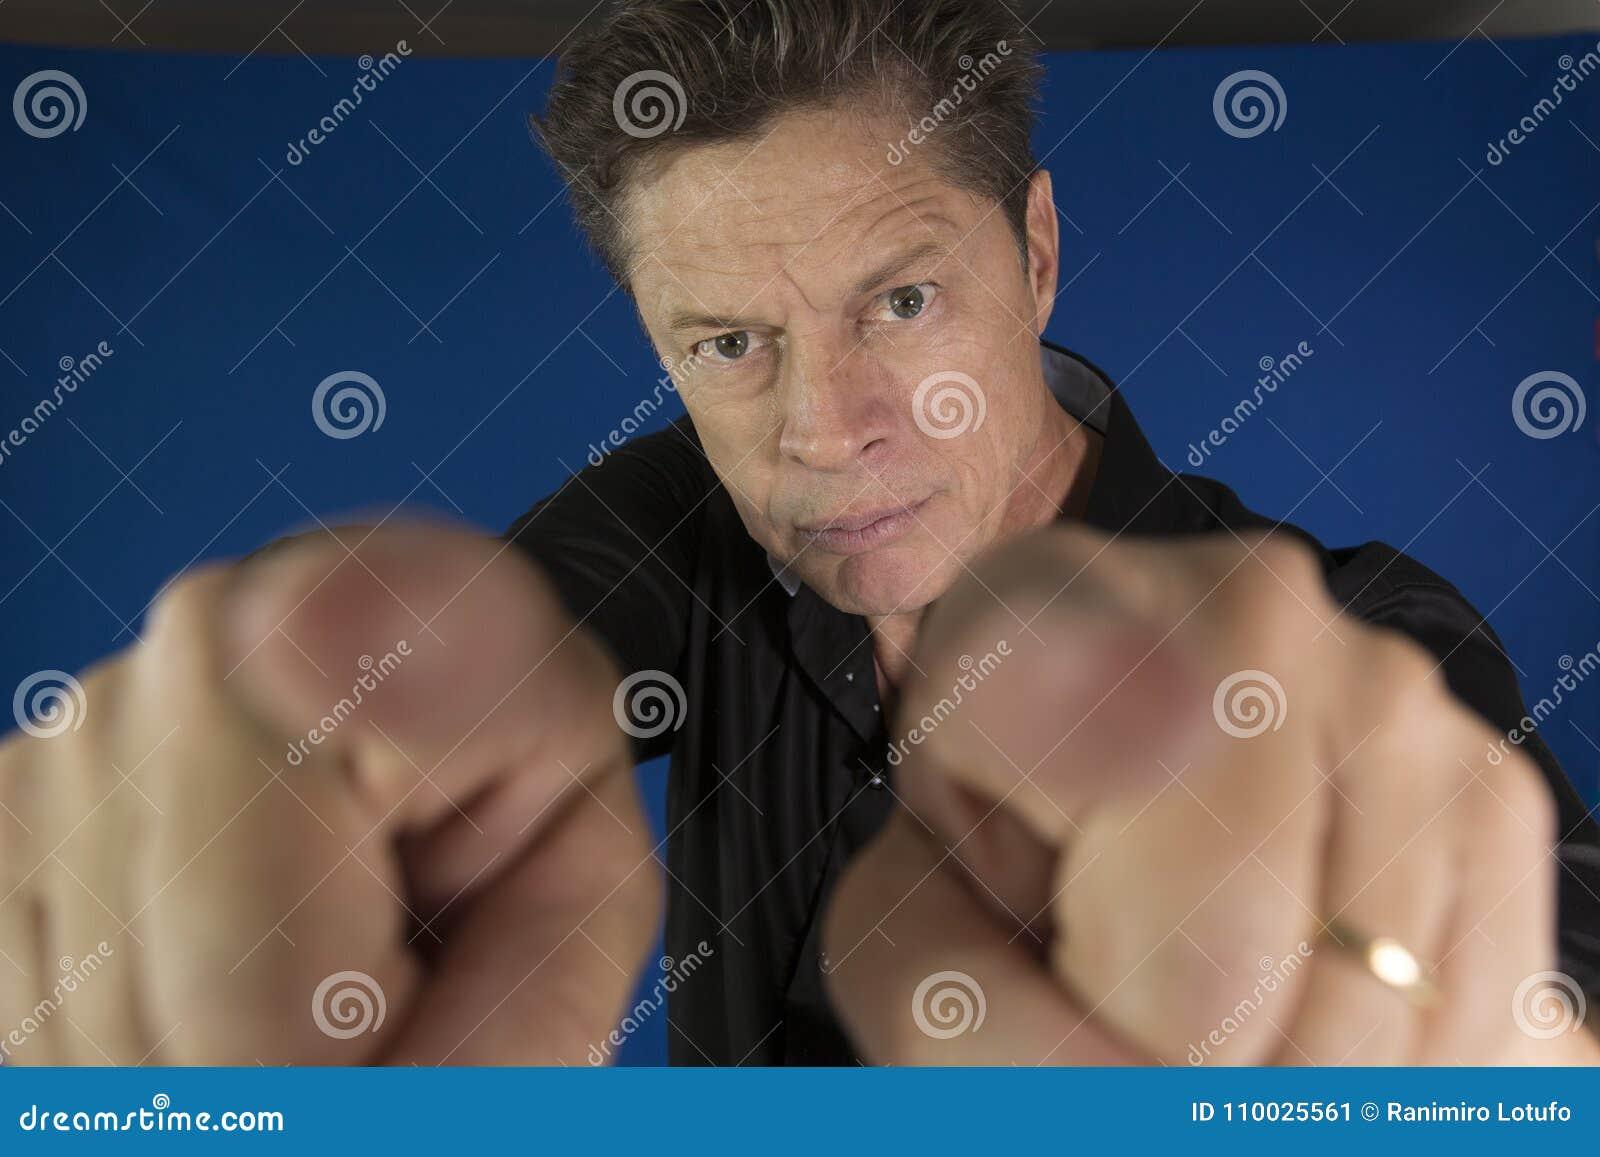 Équipez regarder directement vous avec ses poings à combattre